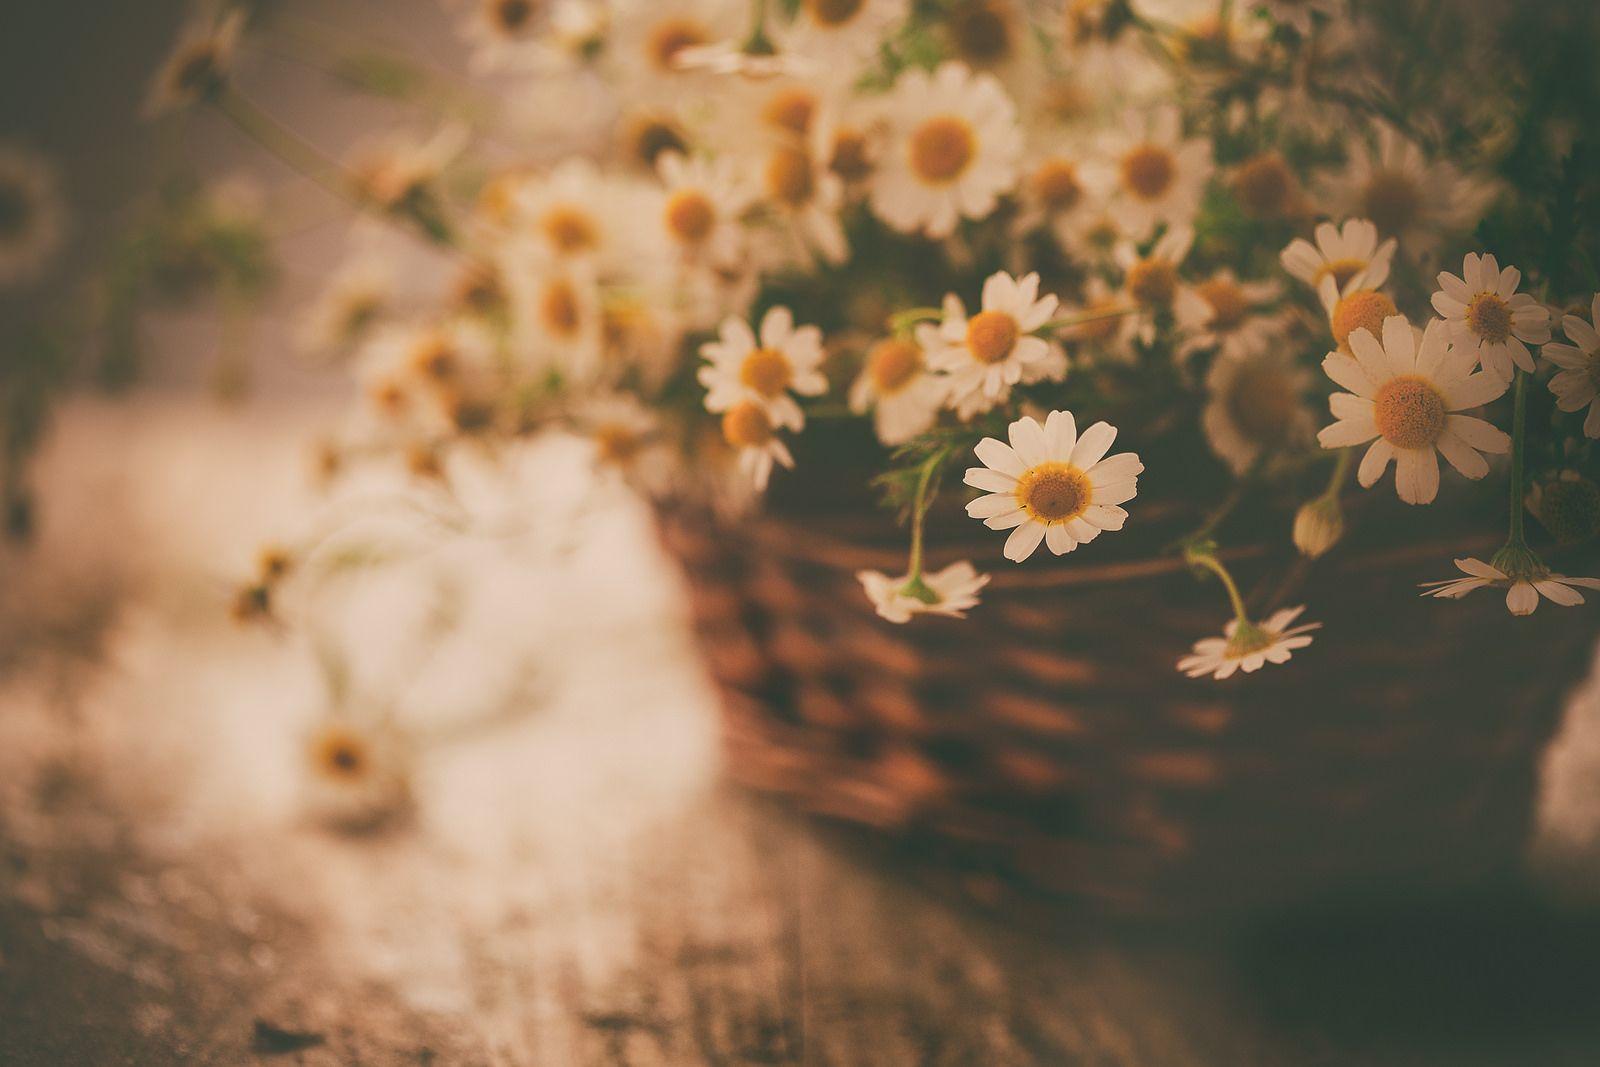 https://flic.kr/p/KyRan3   Chamomile   Como tú bien has dicho, este año vengo cargada de tesoros... pero lo son por venir llenos de recuerdos de la infancia, como este que te traigo... son manzanillas que iba a buscar de niña, y hacía años que no había vuelto a ver... las tengo un especial cariño... y con ellas te deseo todo lo mejor para este y todos los días, disfruta mucho con los tuyos y un besazo lleno de cariño, Rosa!!!! mmmmmmuac